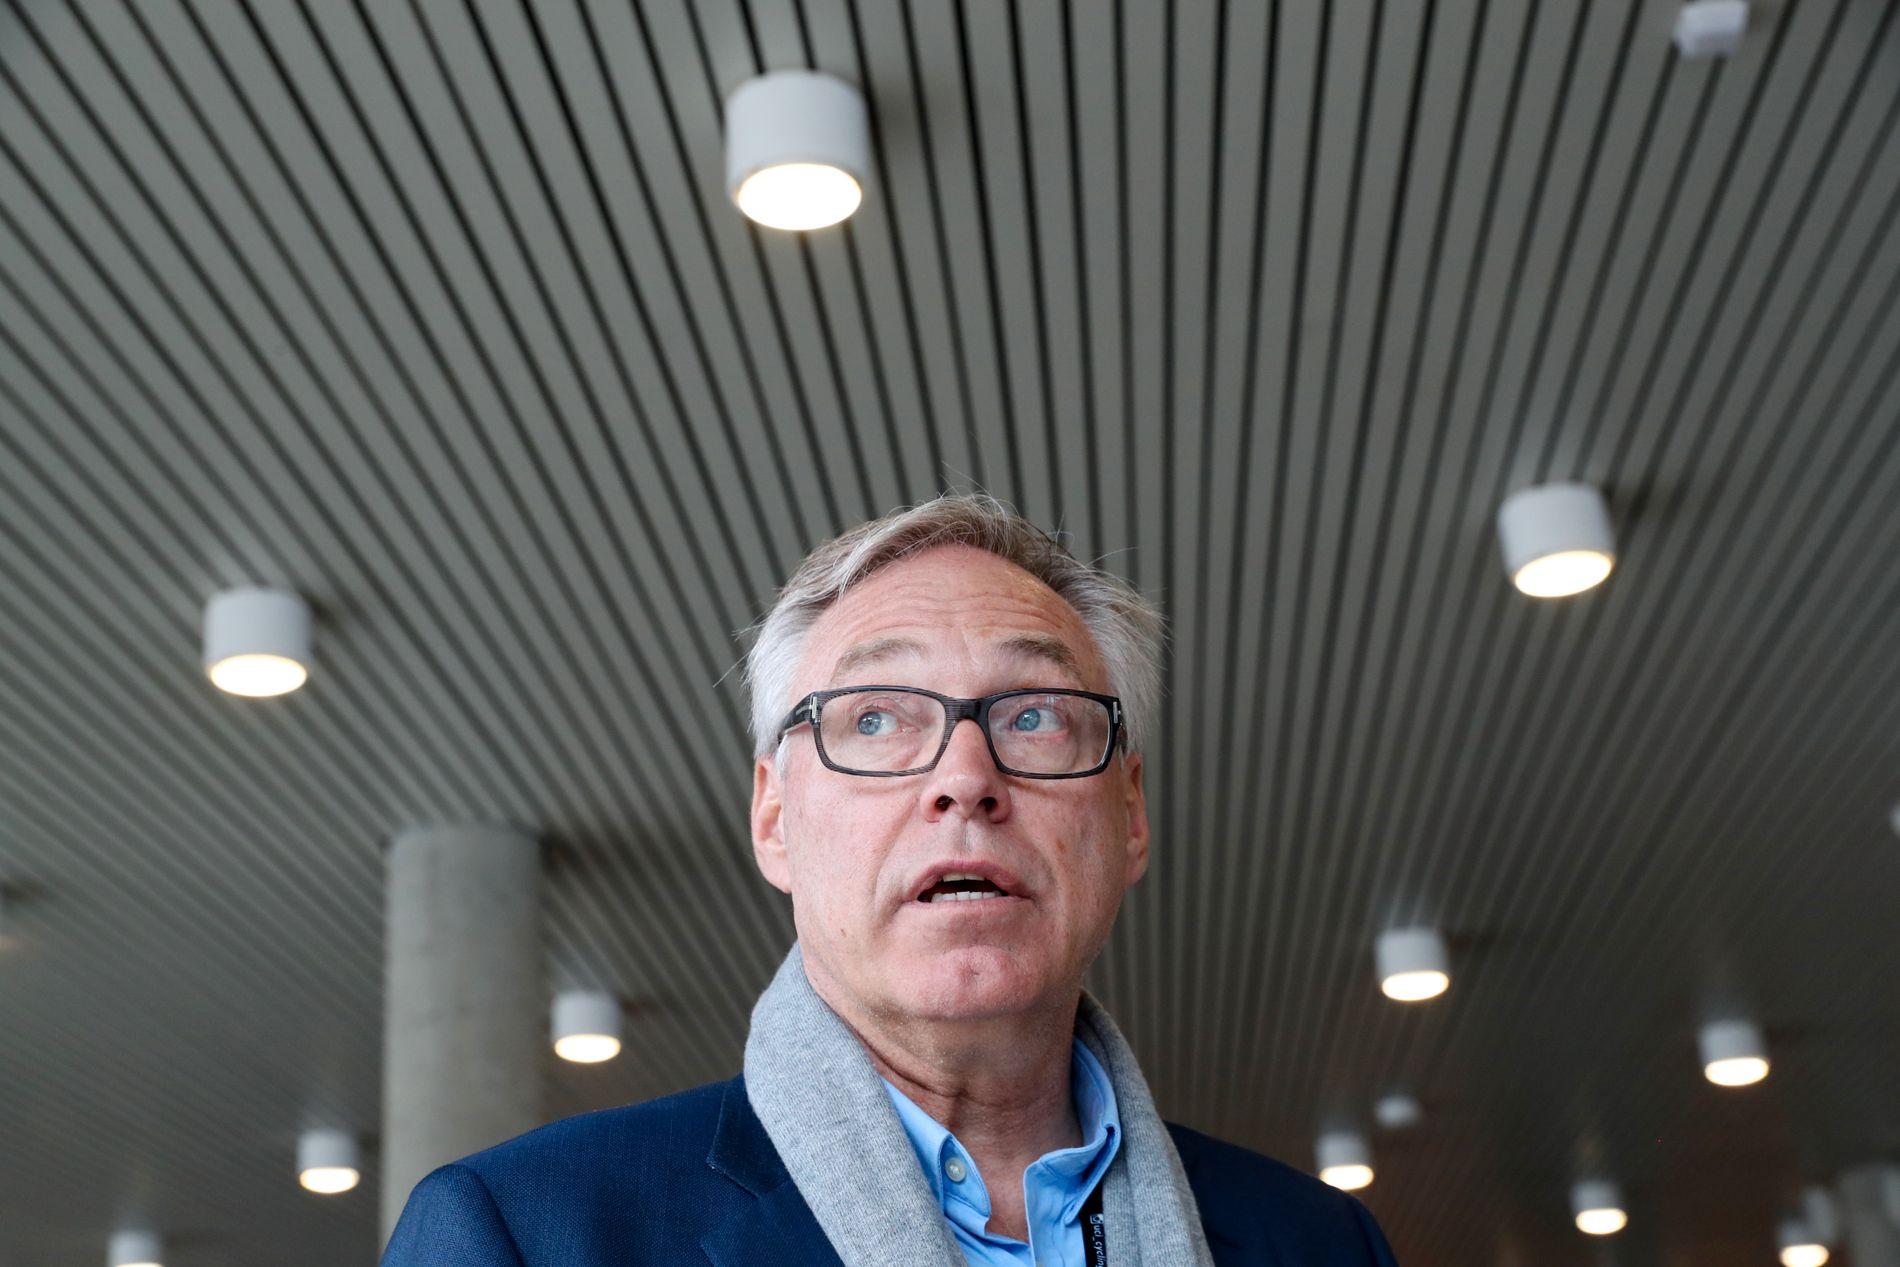 STØTTE: Sykkelpresident og sjef for sykkel-VM Harald Tiedemann Hansen får støtte fra styret i forbundet. Her under VM i Bergen.